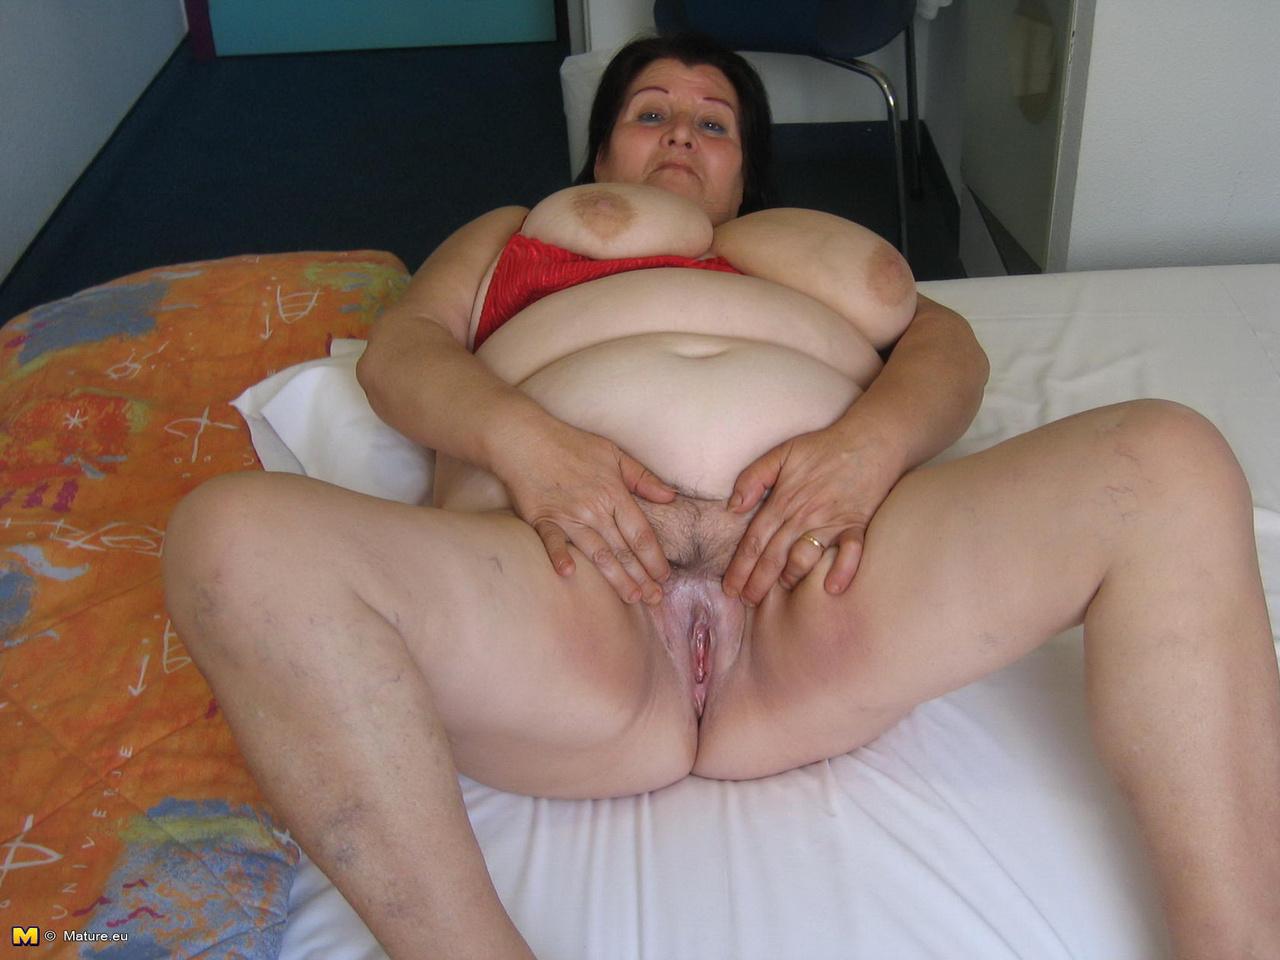 Толстые женщины и их влагалище фото, Пышное влагалище (22 фото) 4 фотография